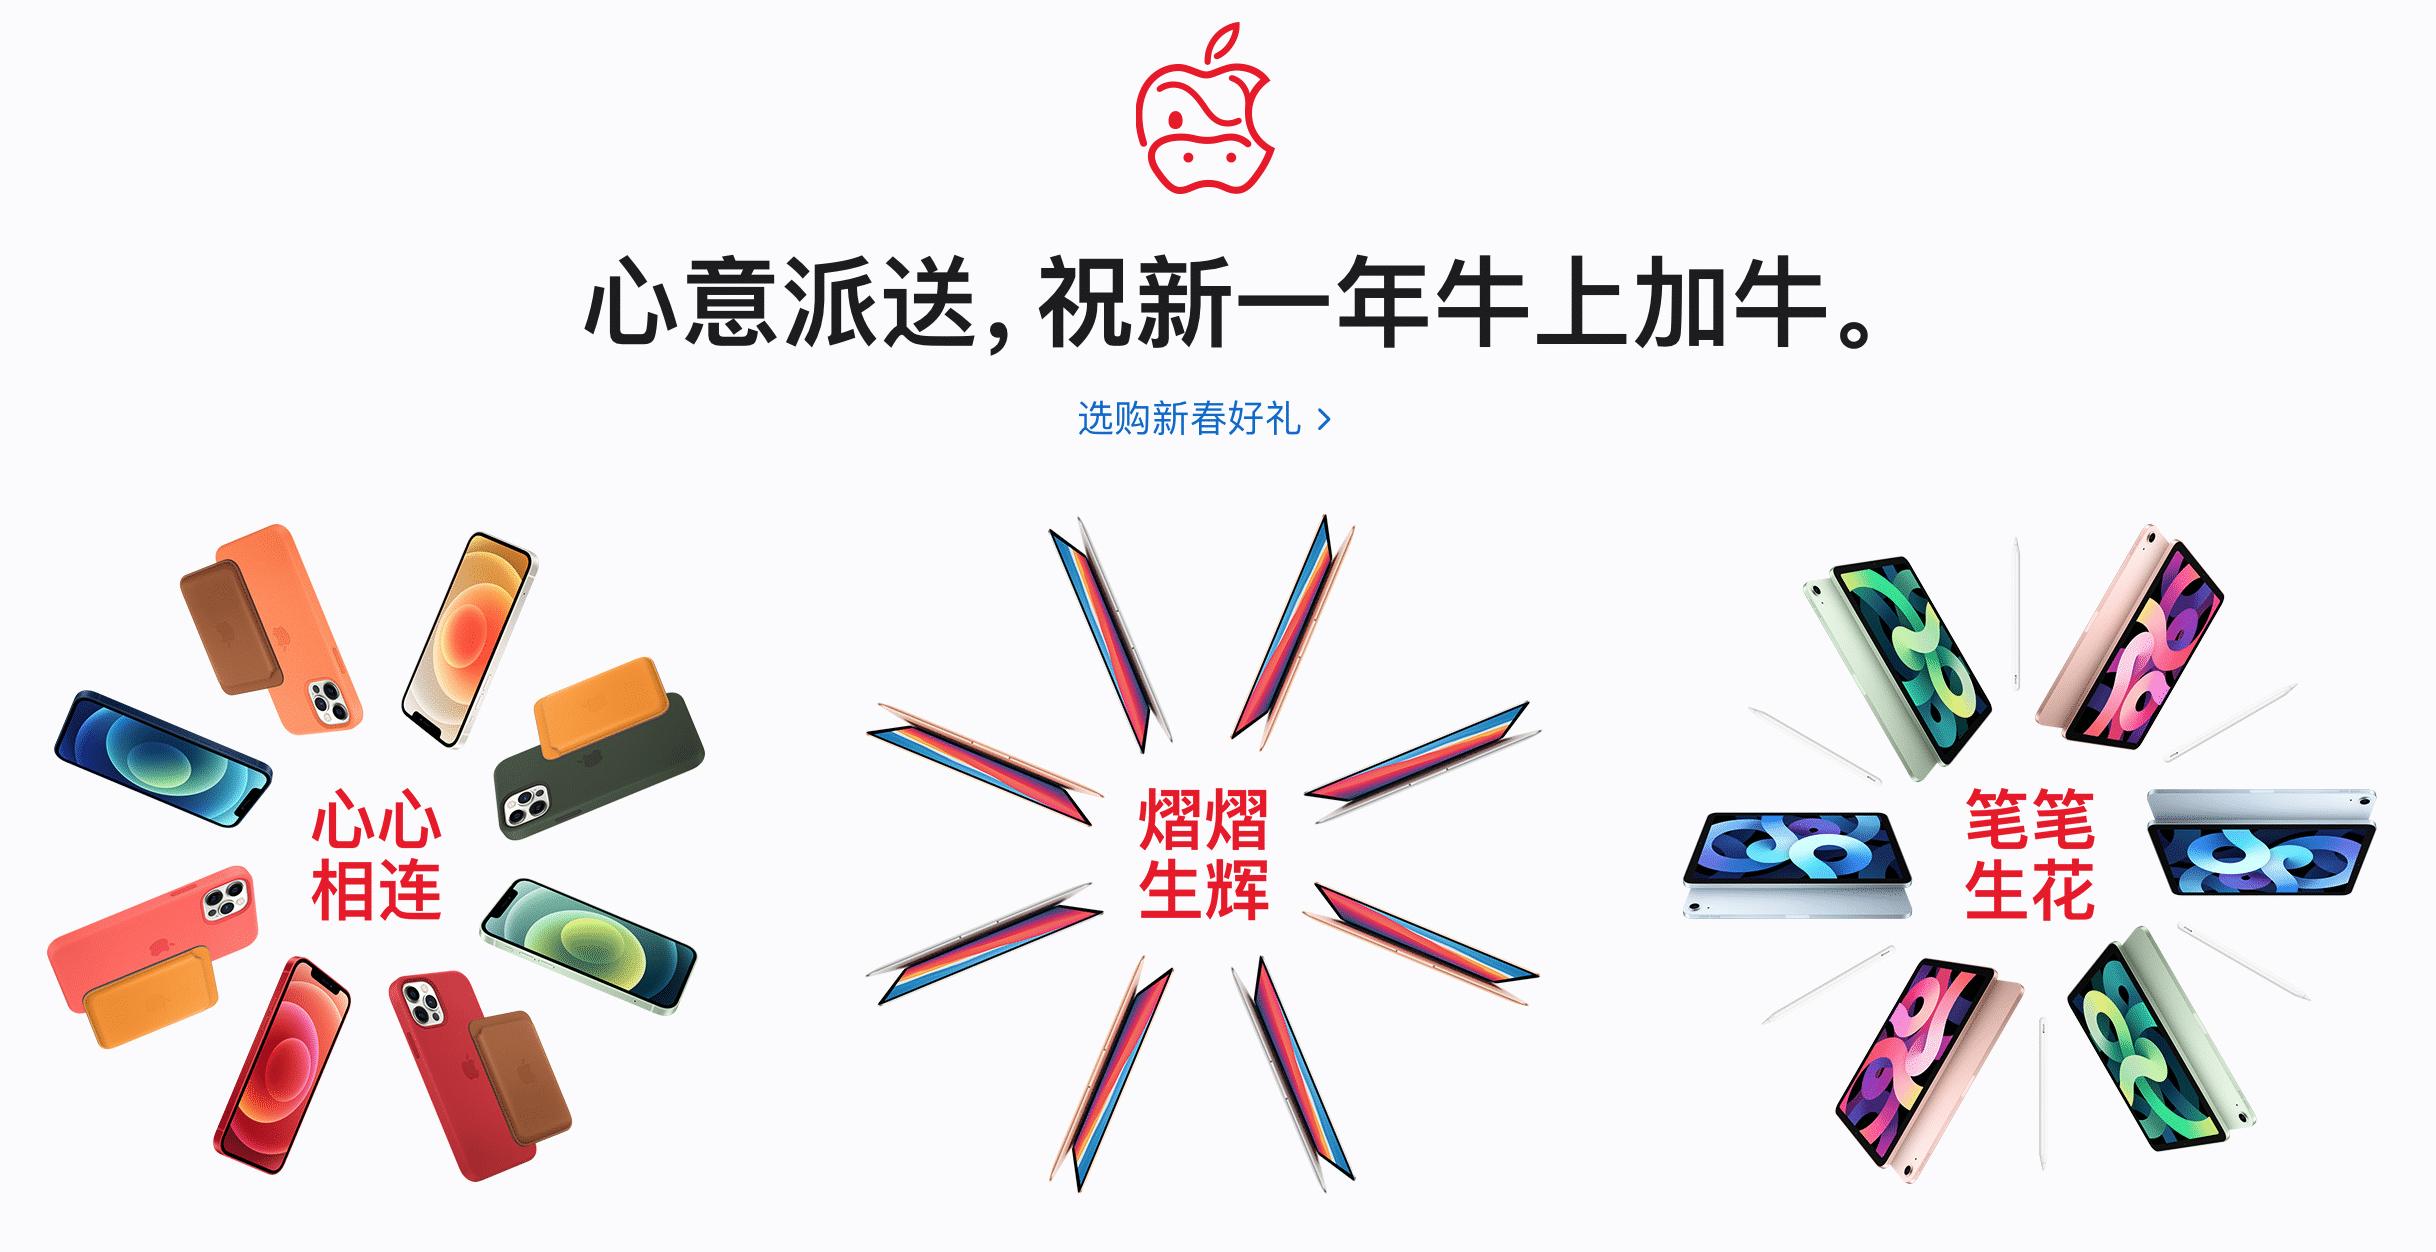 Guia de presentes da Apple para o Ano Novo Chinês